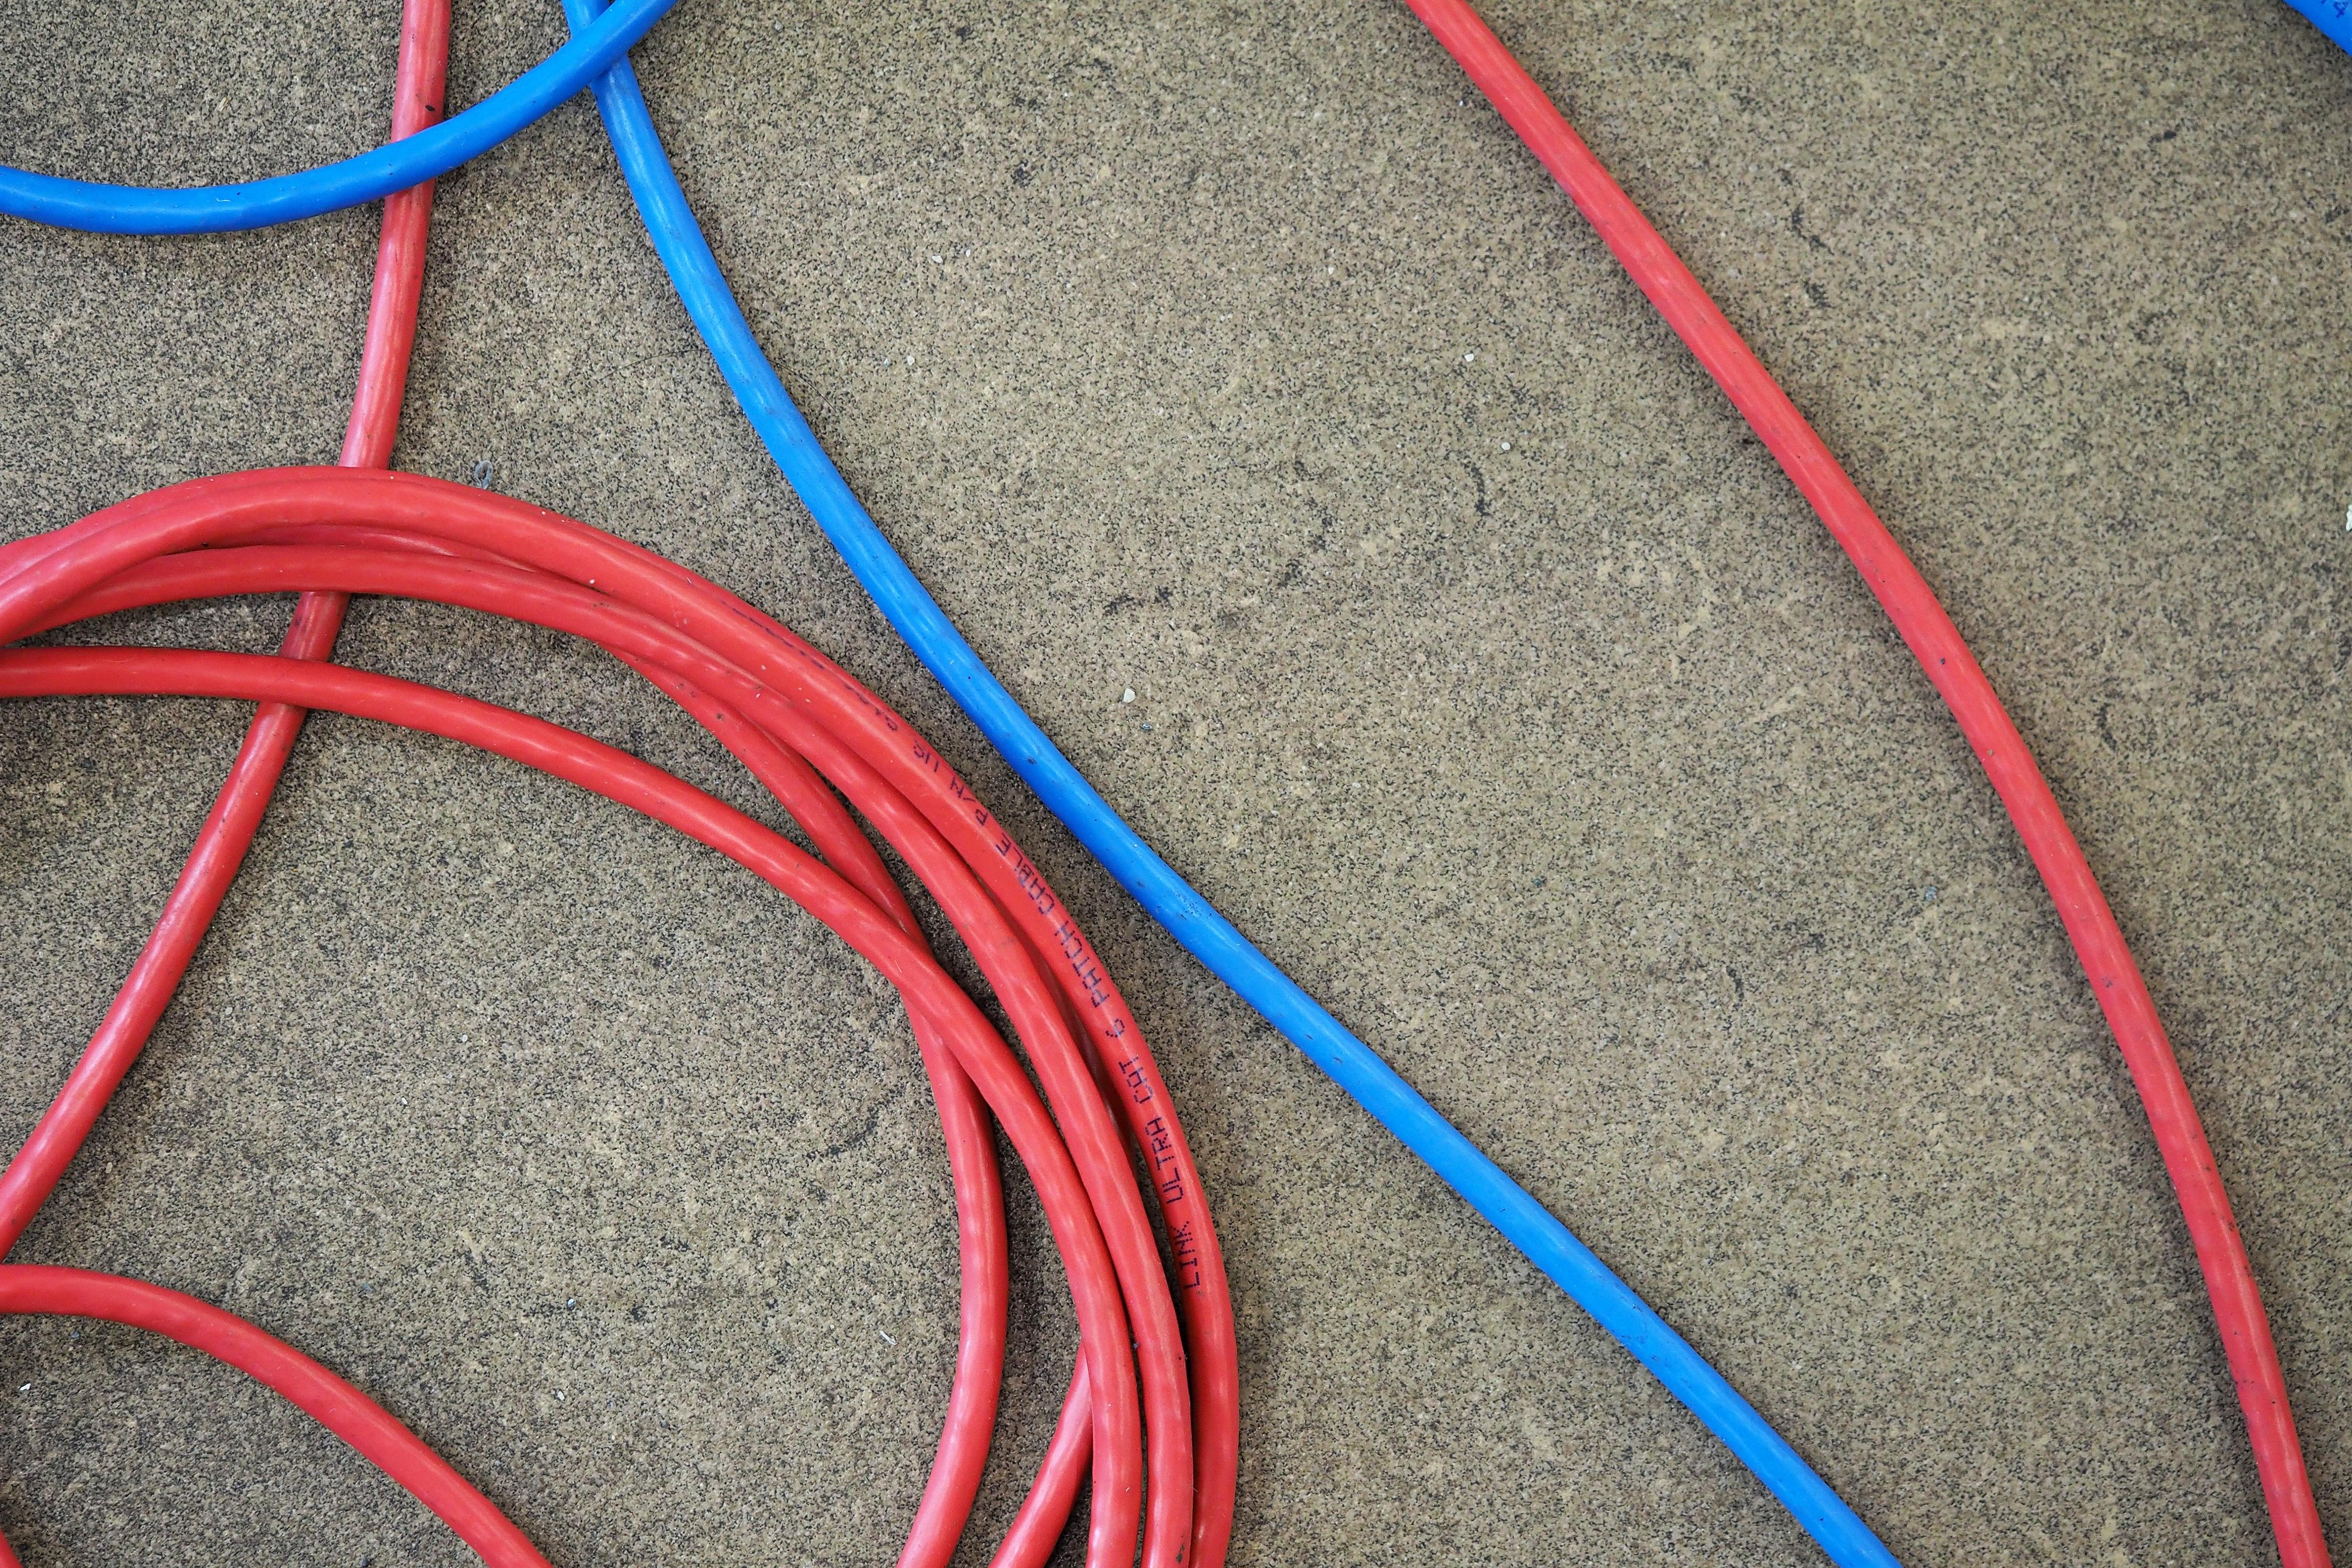 Kostenlose foto : Technologie, Boden, Kabel, Draht, Linie, rot ...